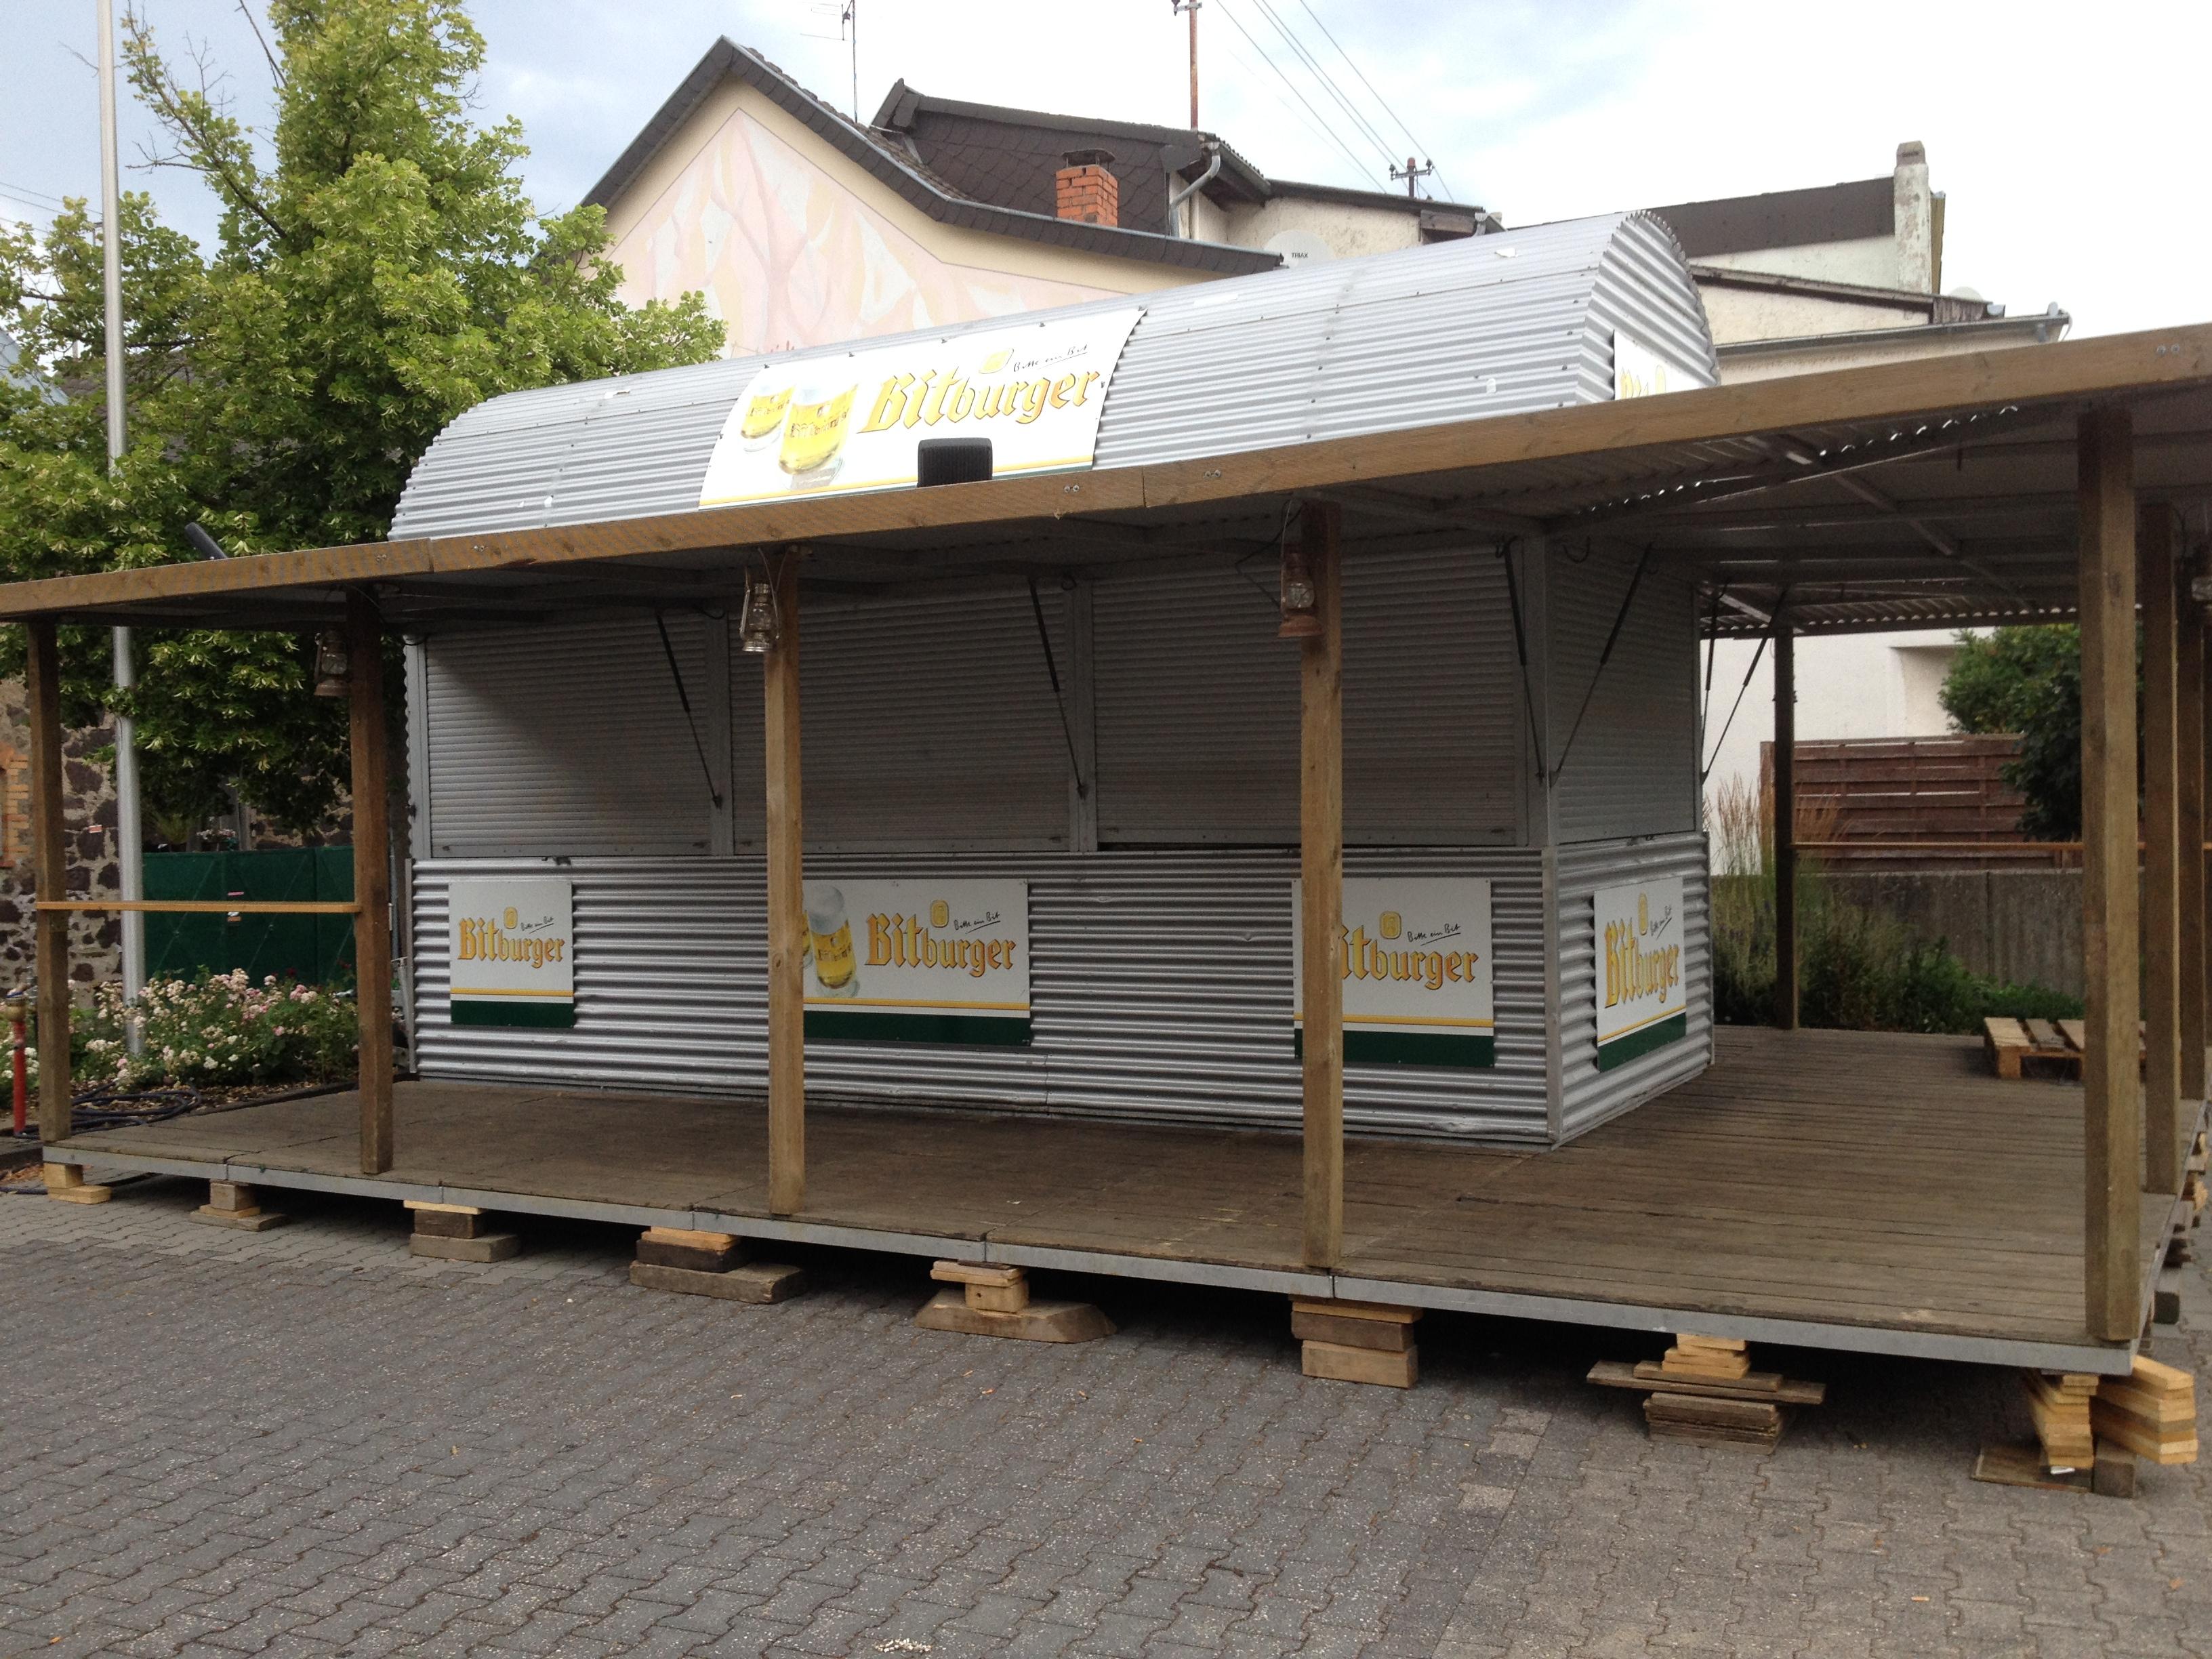 Ausschankwagen für Bier mieten in Kamen – z.B. für eine Veranstaltung